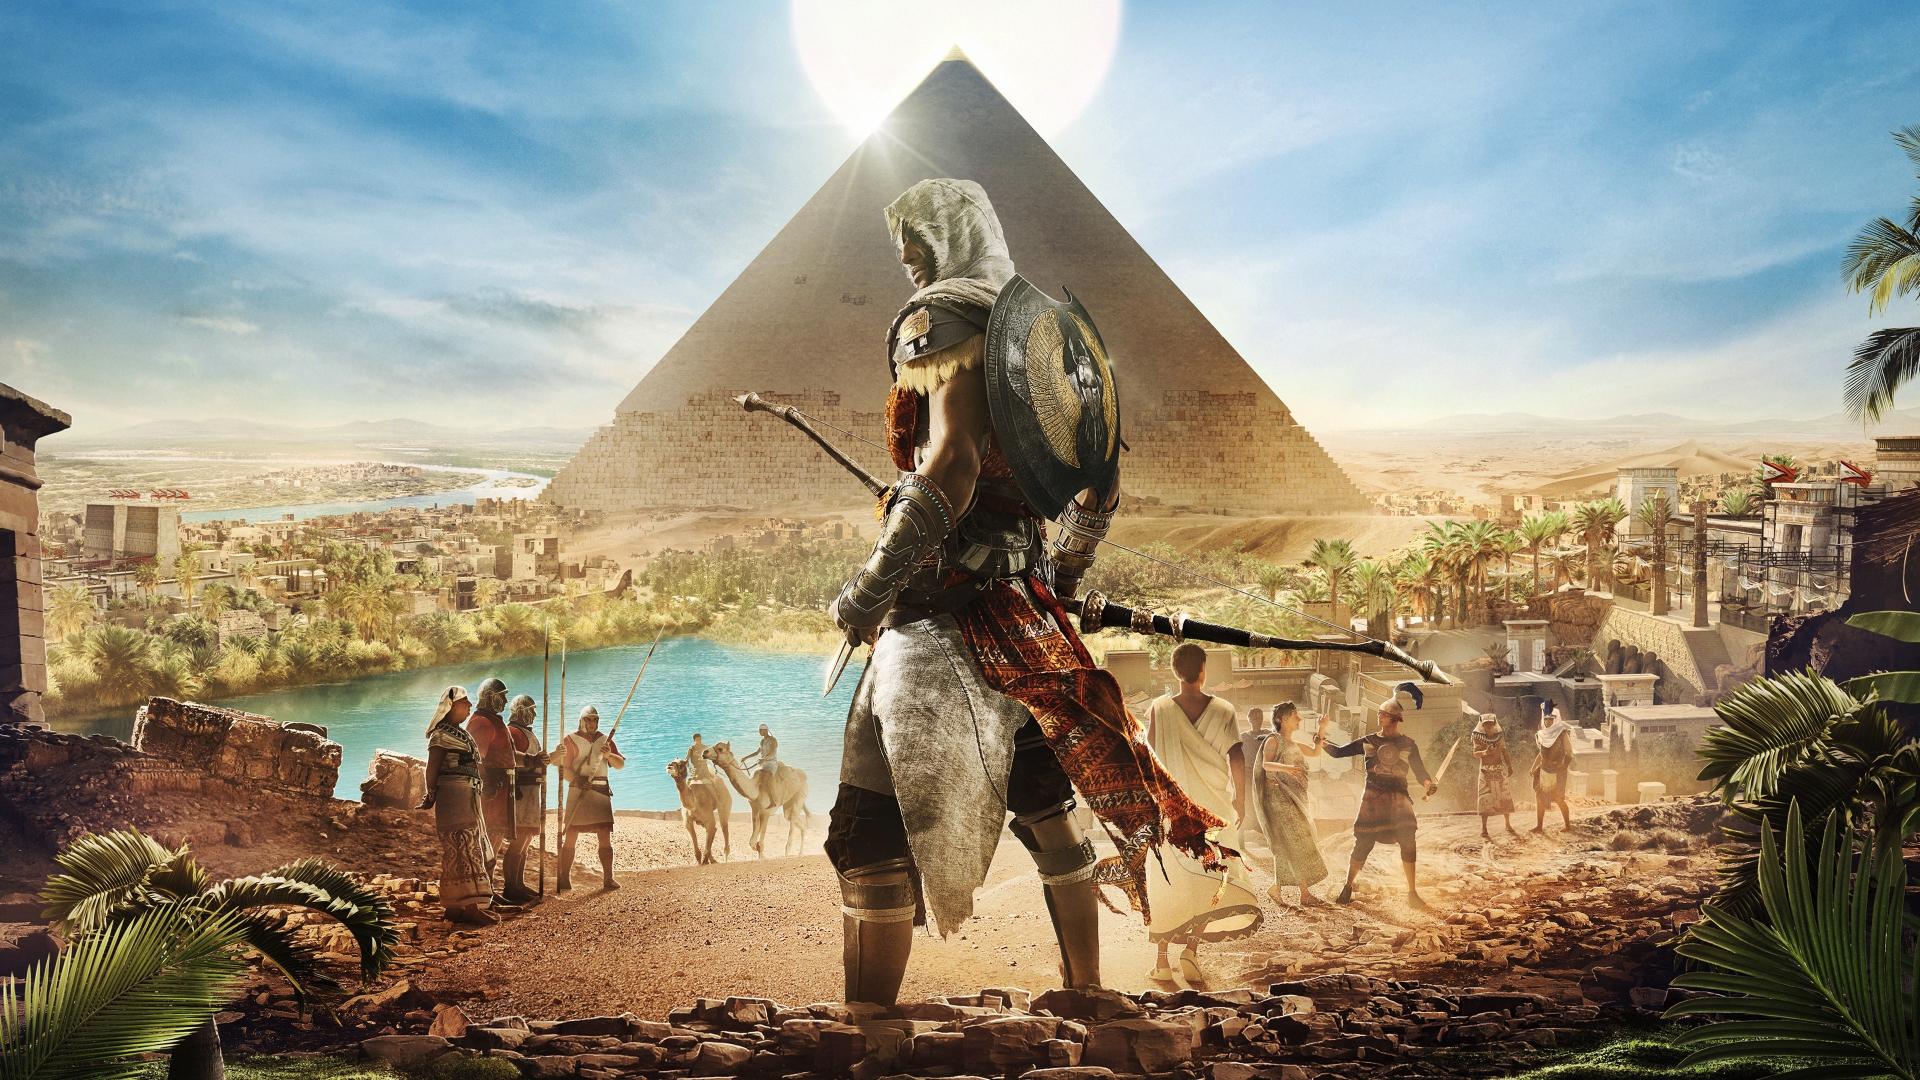 Download 1920x1080 Wallpaper Assassin S Creed Origins Egypt